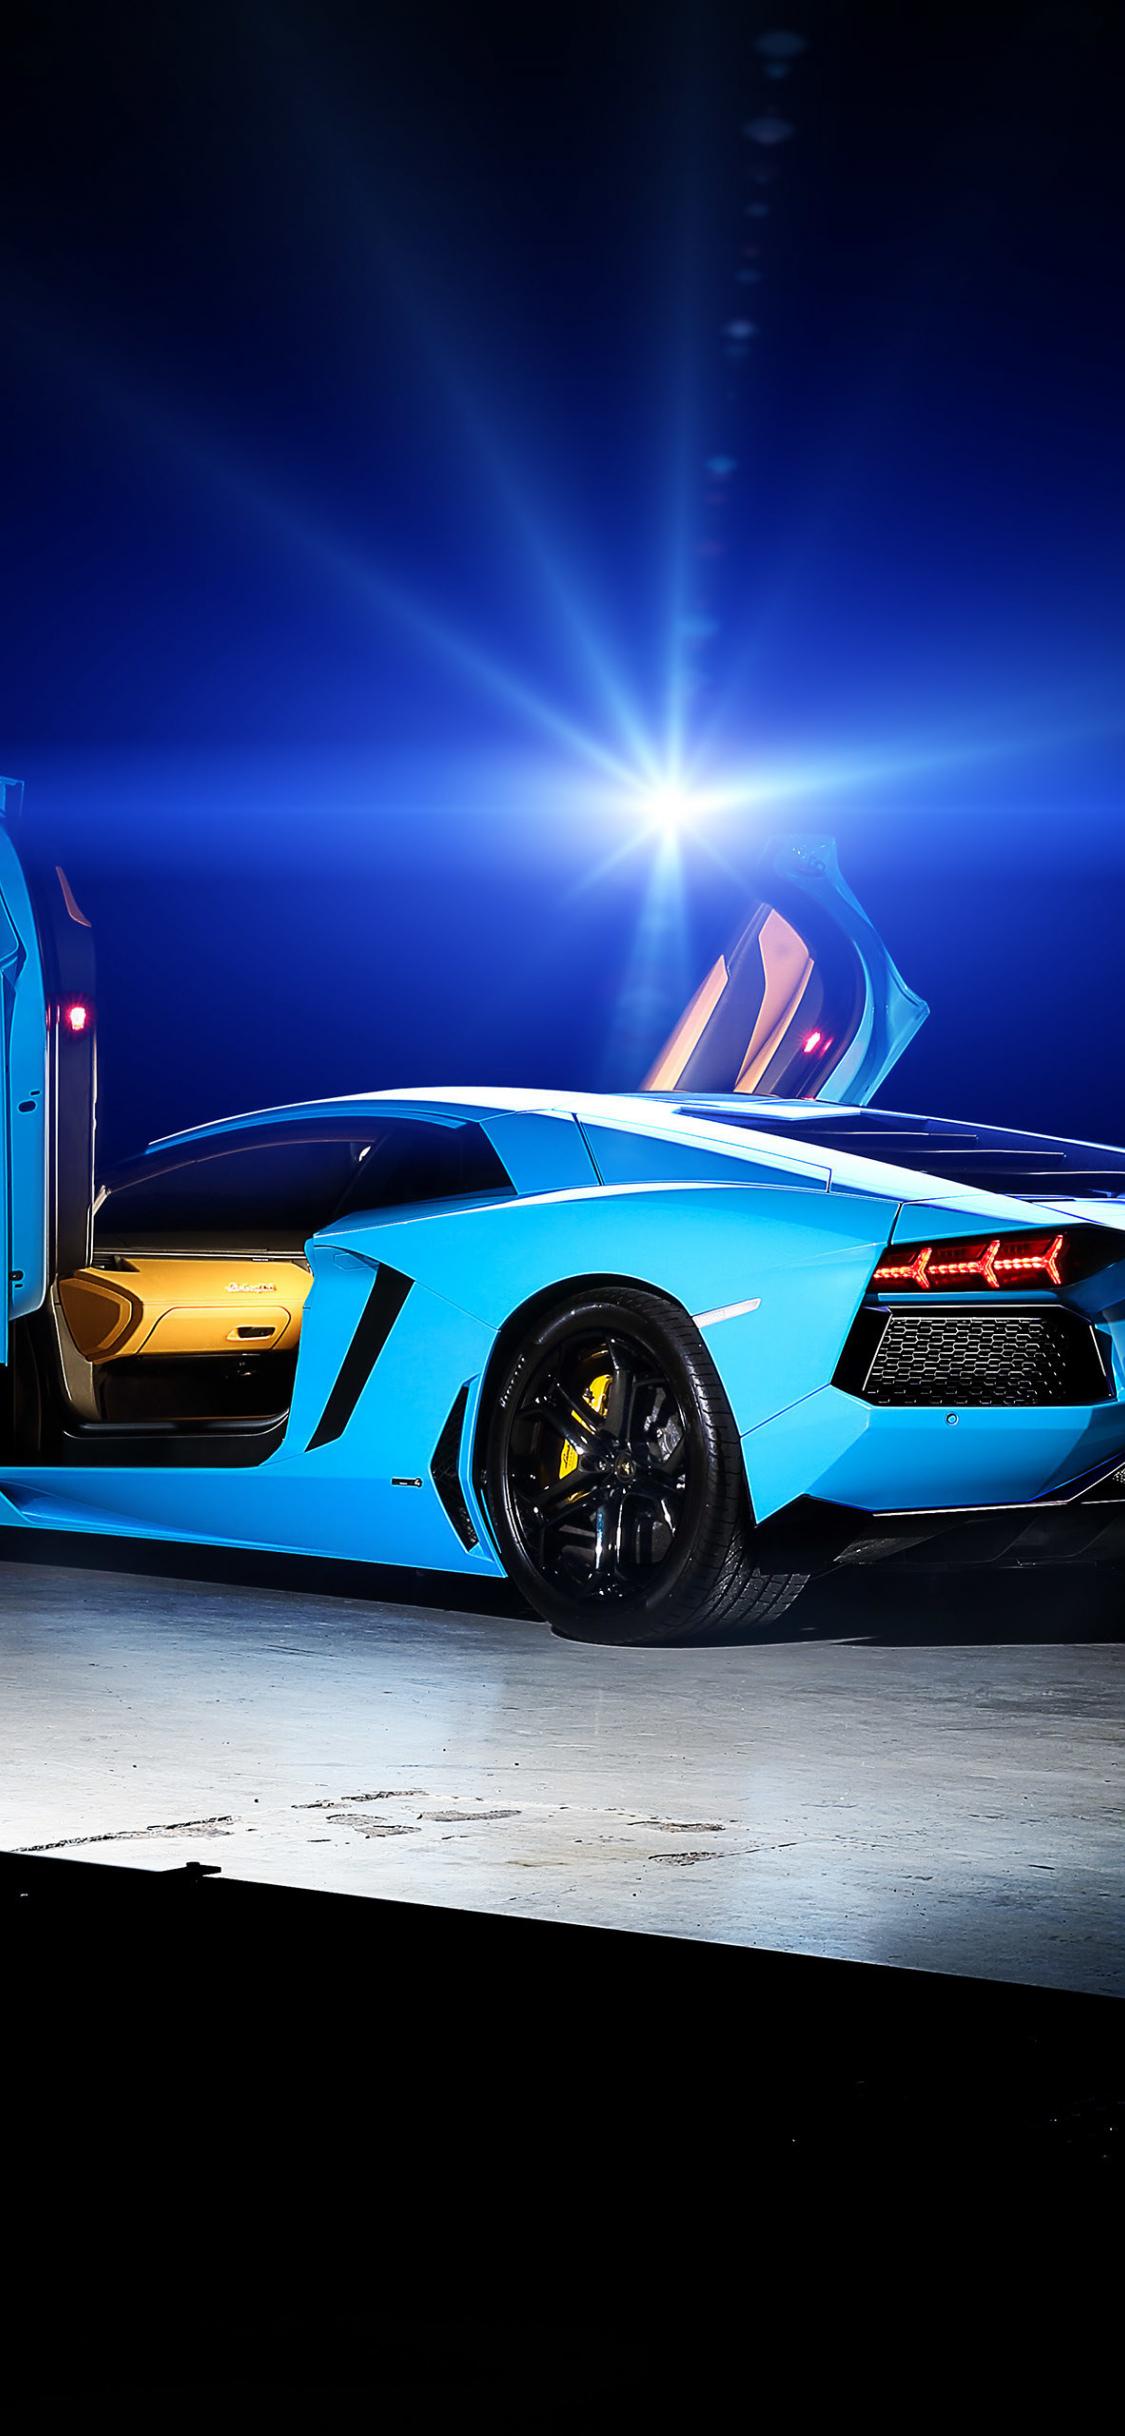 Download 1125x2436 Wallpaper Blue Sports Car Lamborghini Aventador